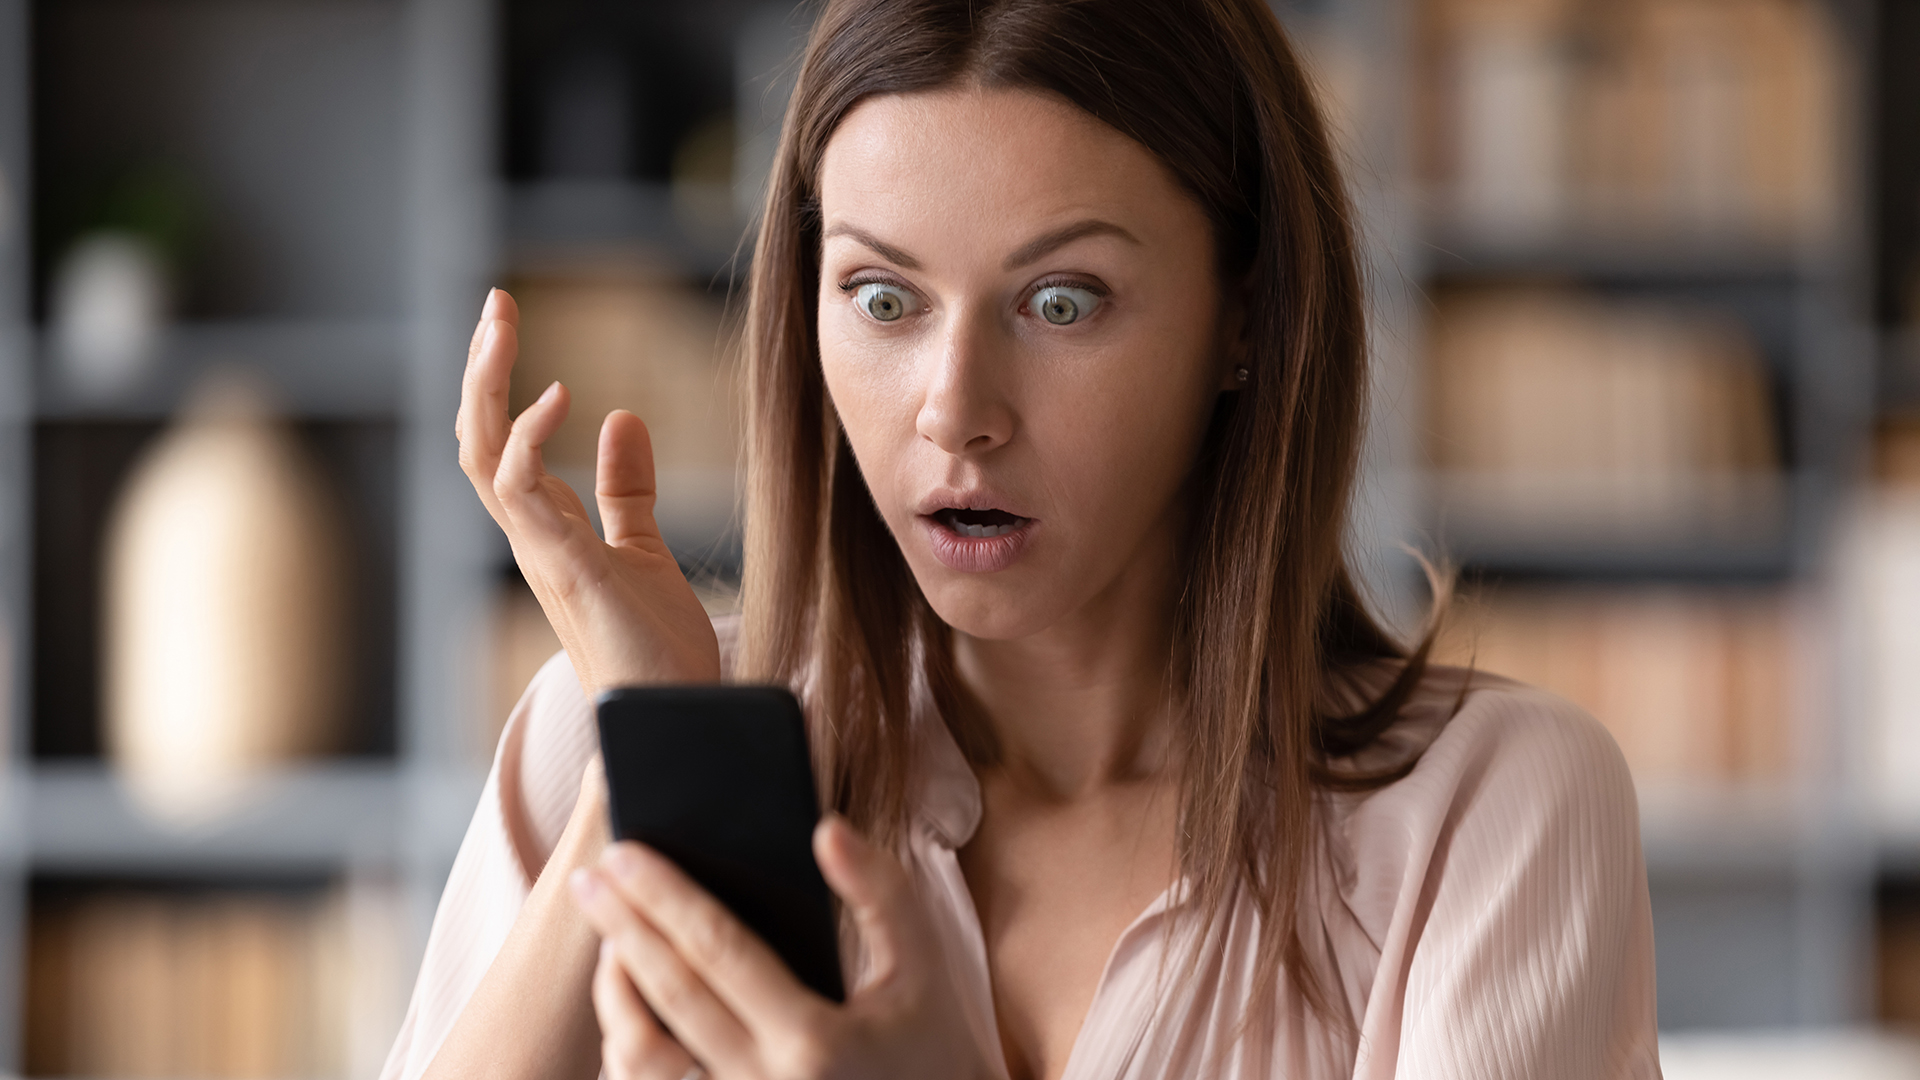 Több százezer magyar kaphatott a csalók sms-éből